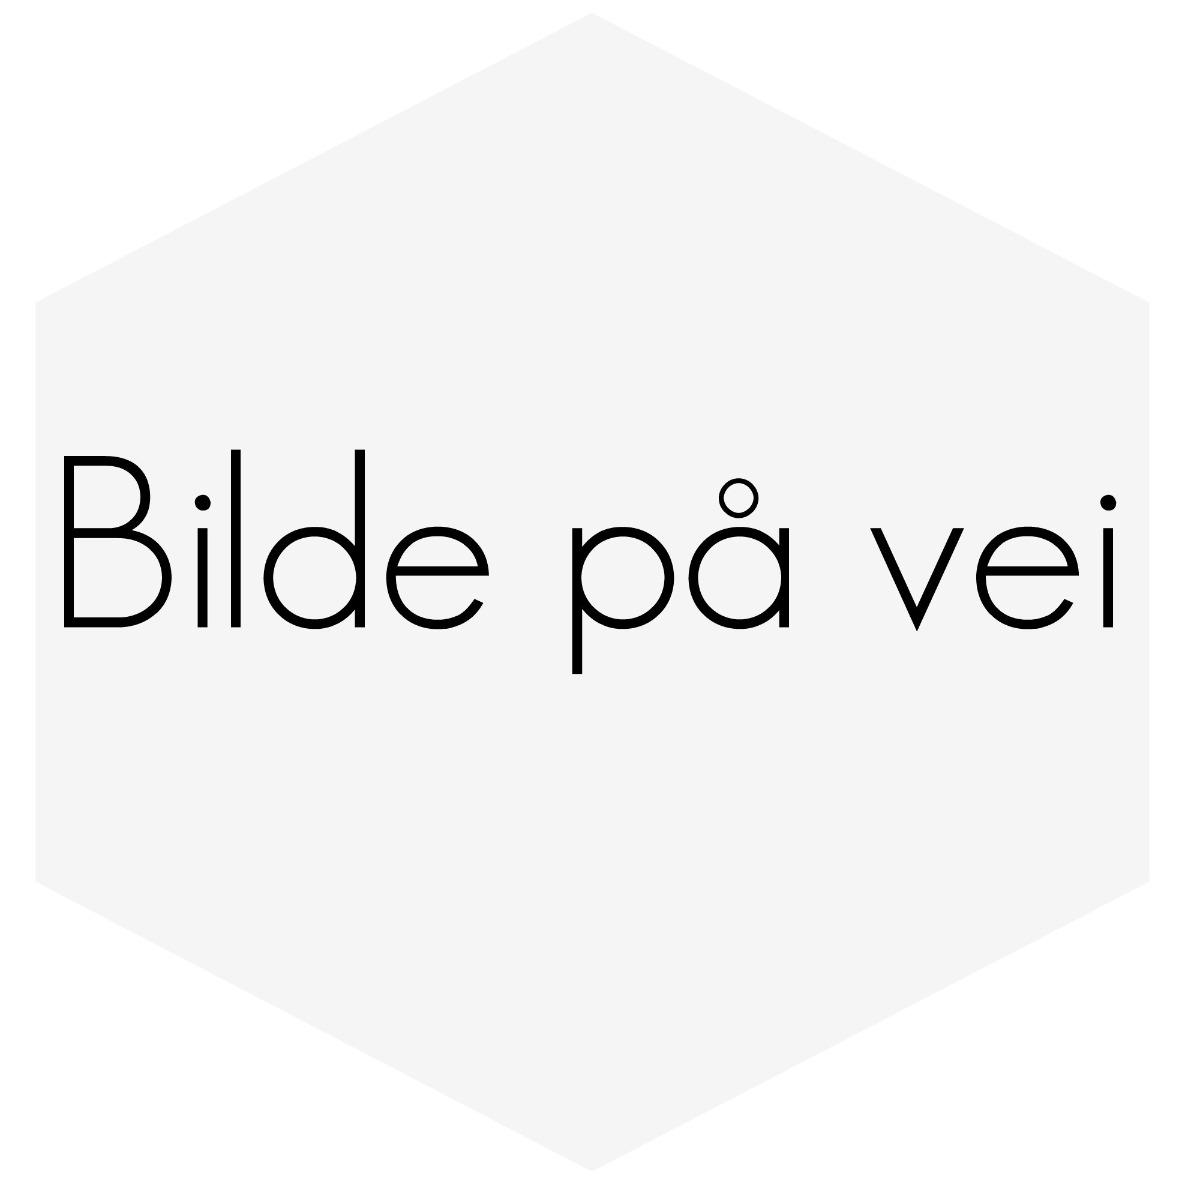 GRILLNETT SØLV AVLANGE 6-KANT HULL PR,STK. 20X110CM